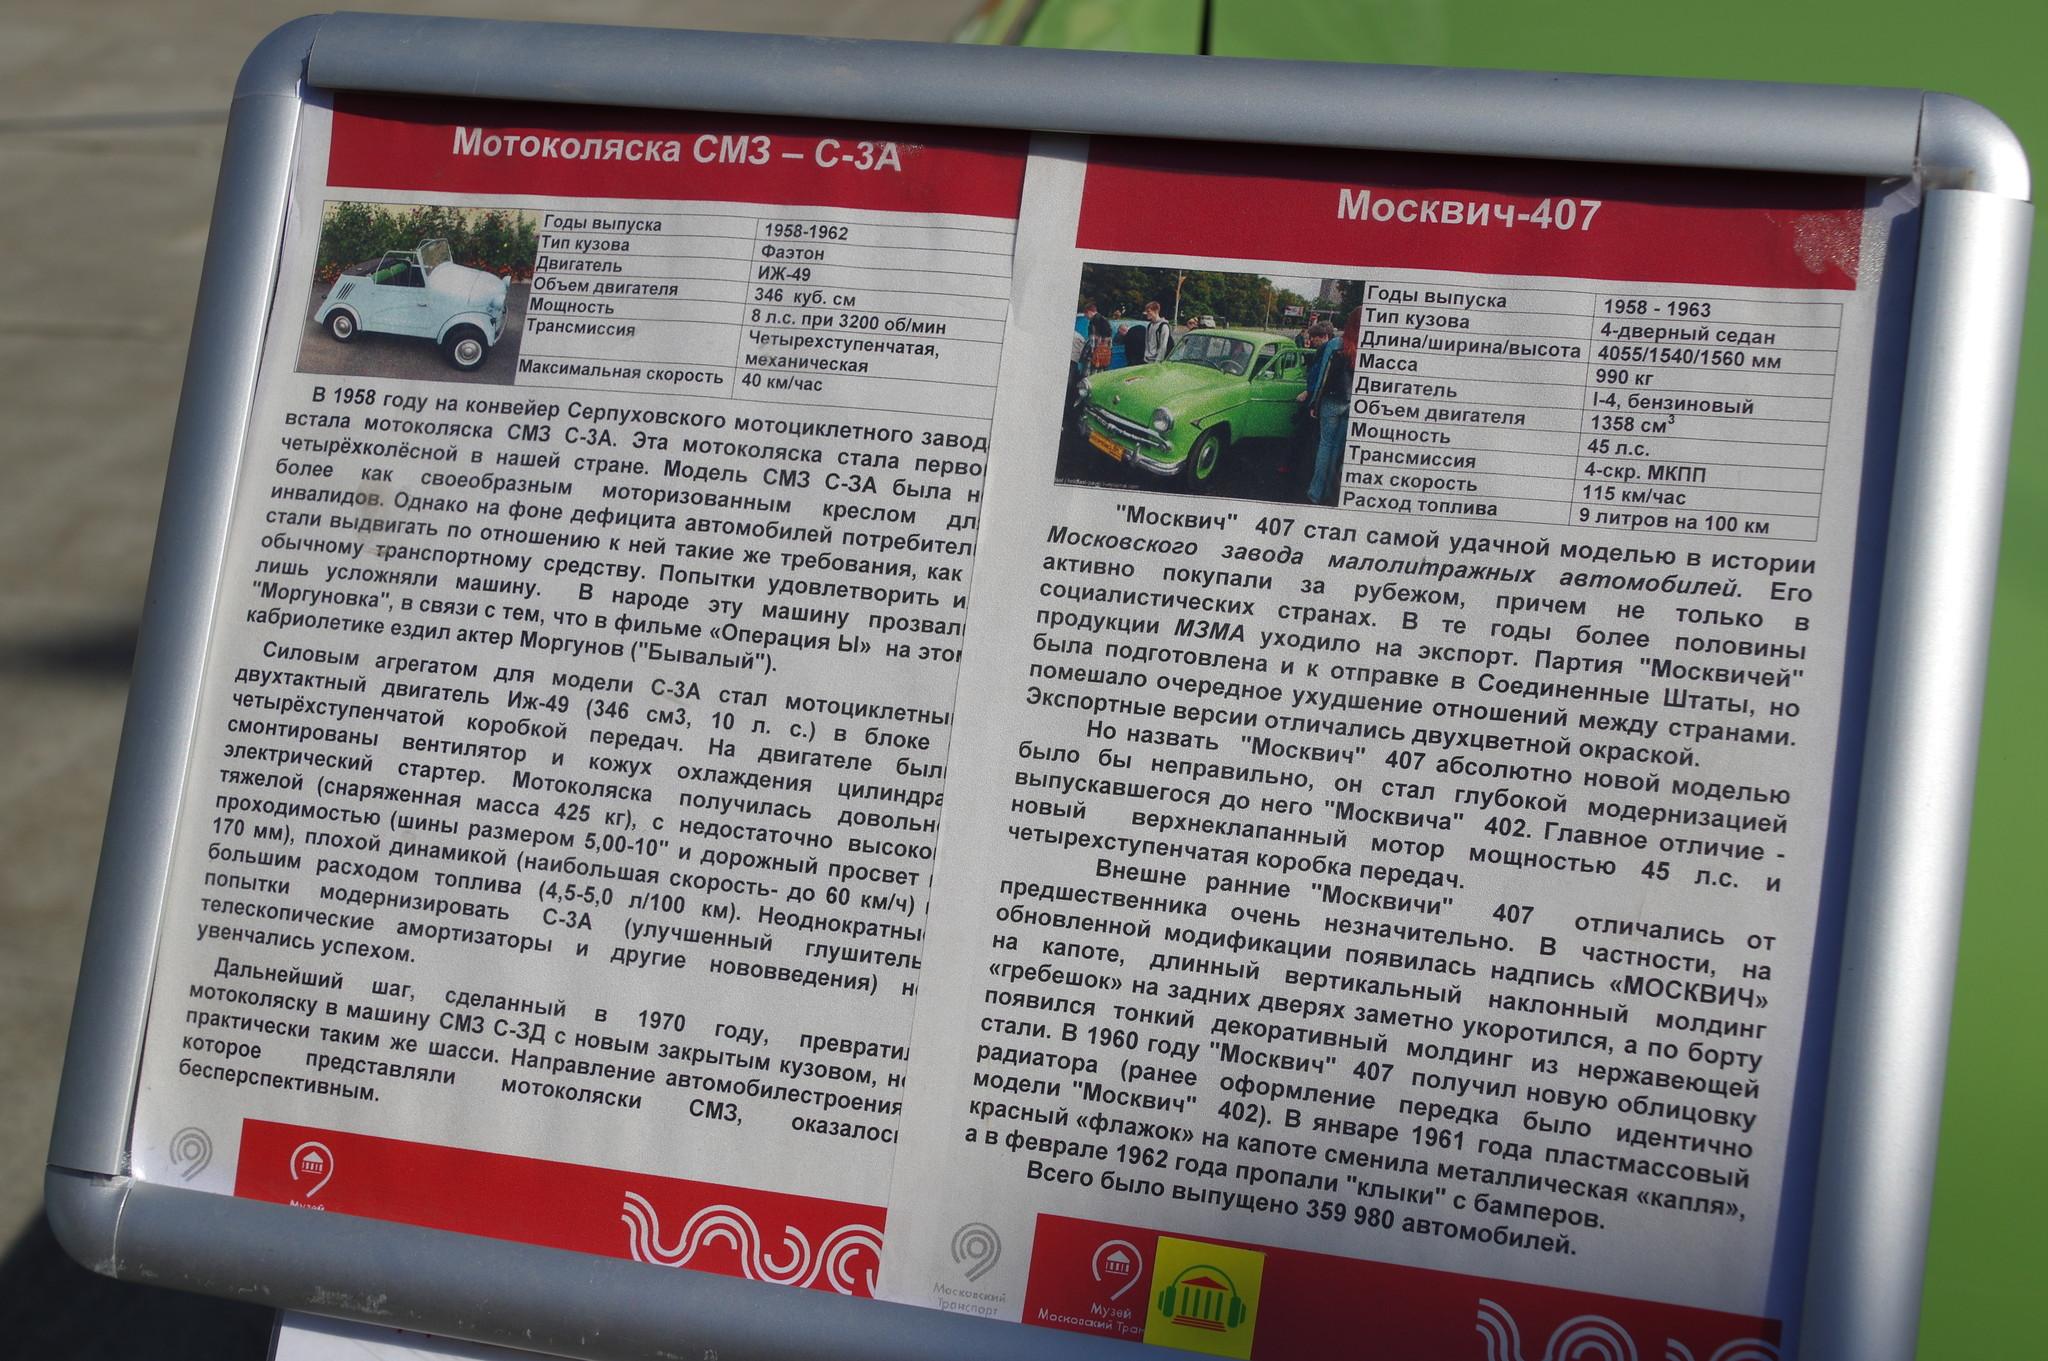 Мотоколяска СМЗ С-3А и автомобиль «Москвич-407»